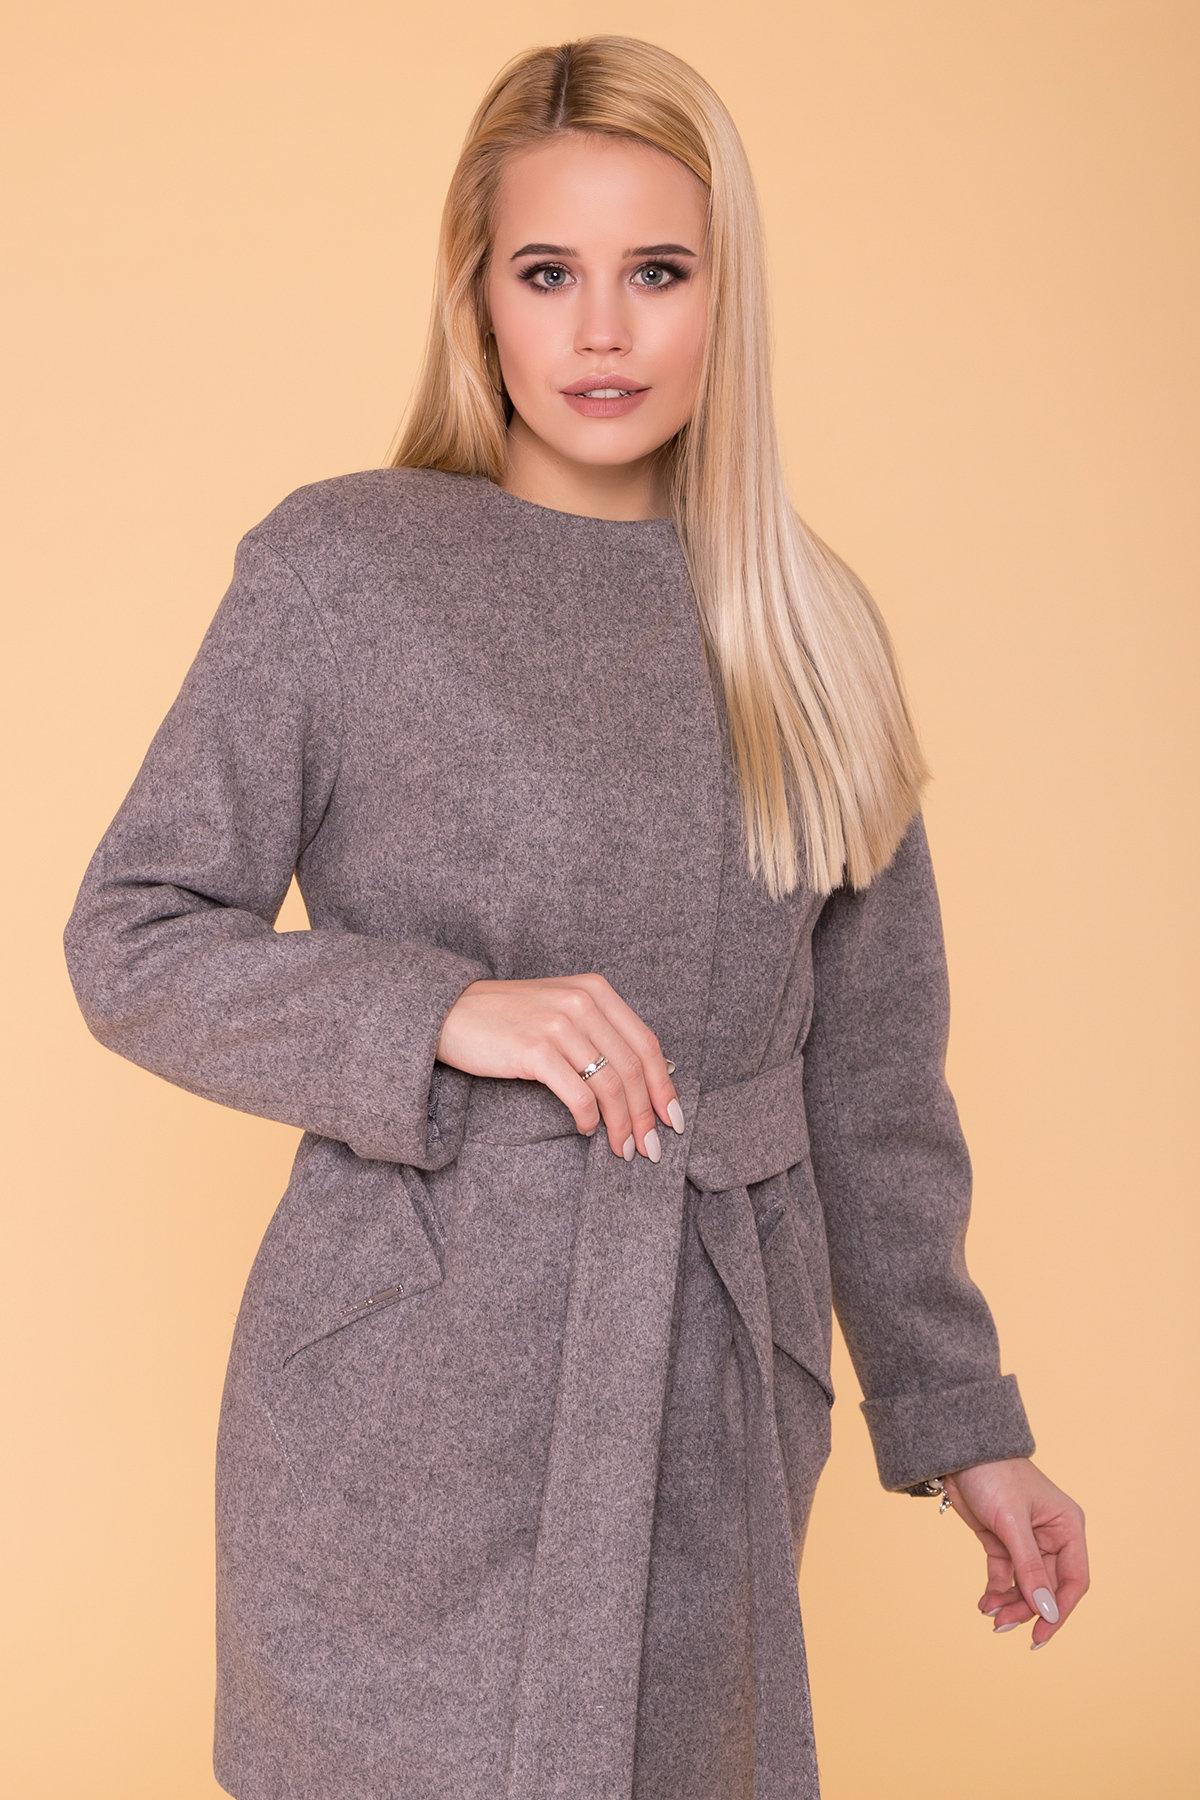 Пальто Кимберли 6101 АРТ. 41069 Цвет: Карамель 20/1 - фото 4, интернет магазин tm-modus.ru